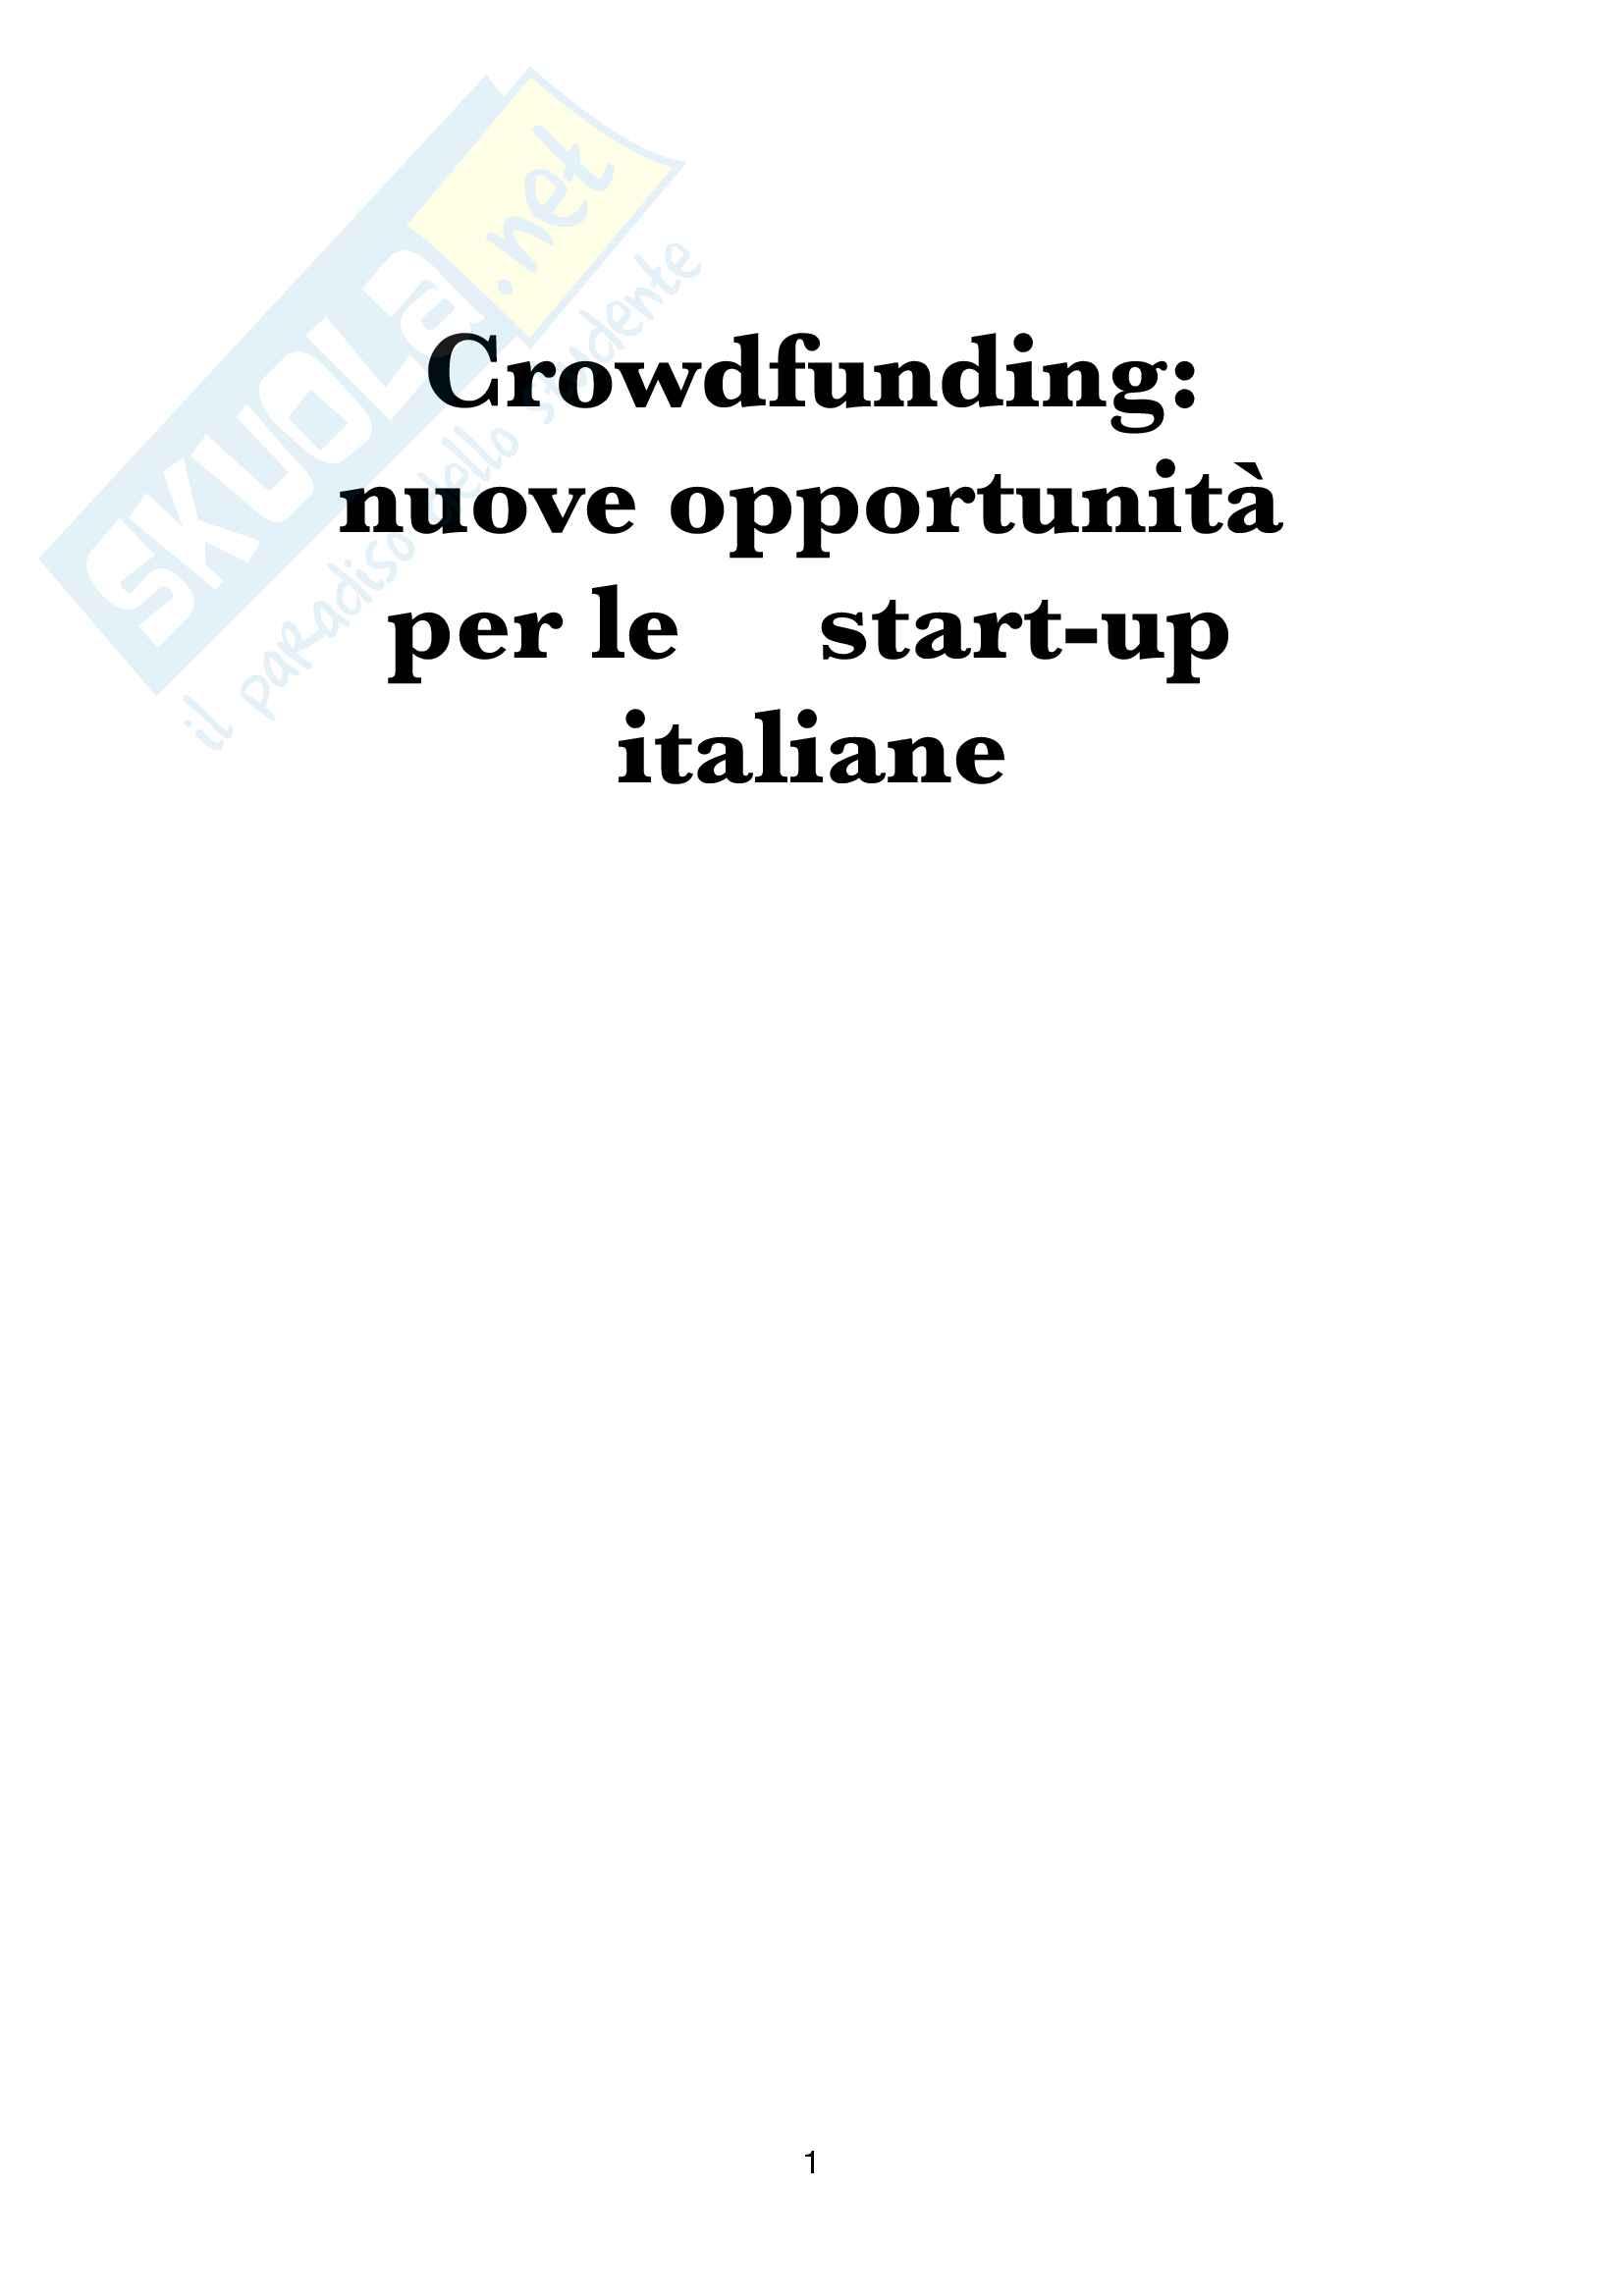 Tesi Crowdfunding